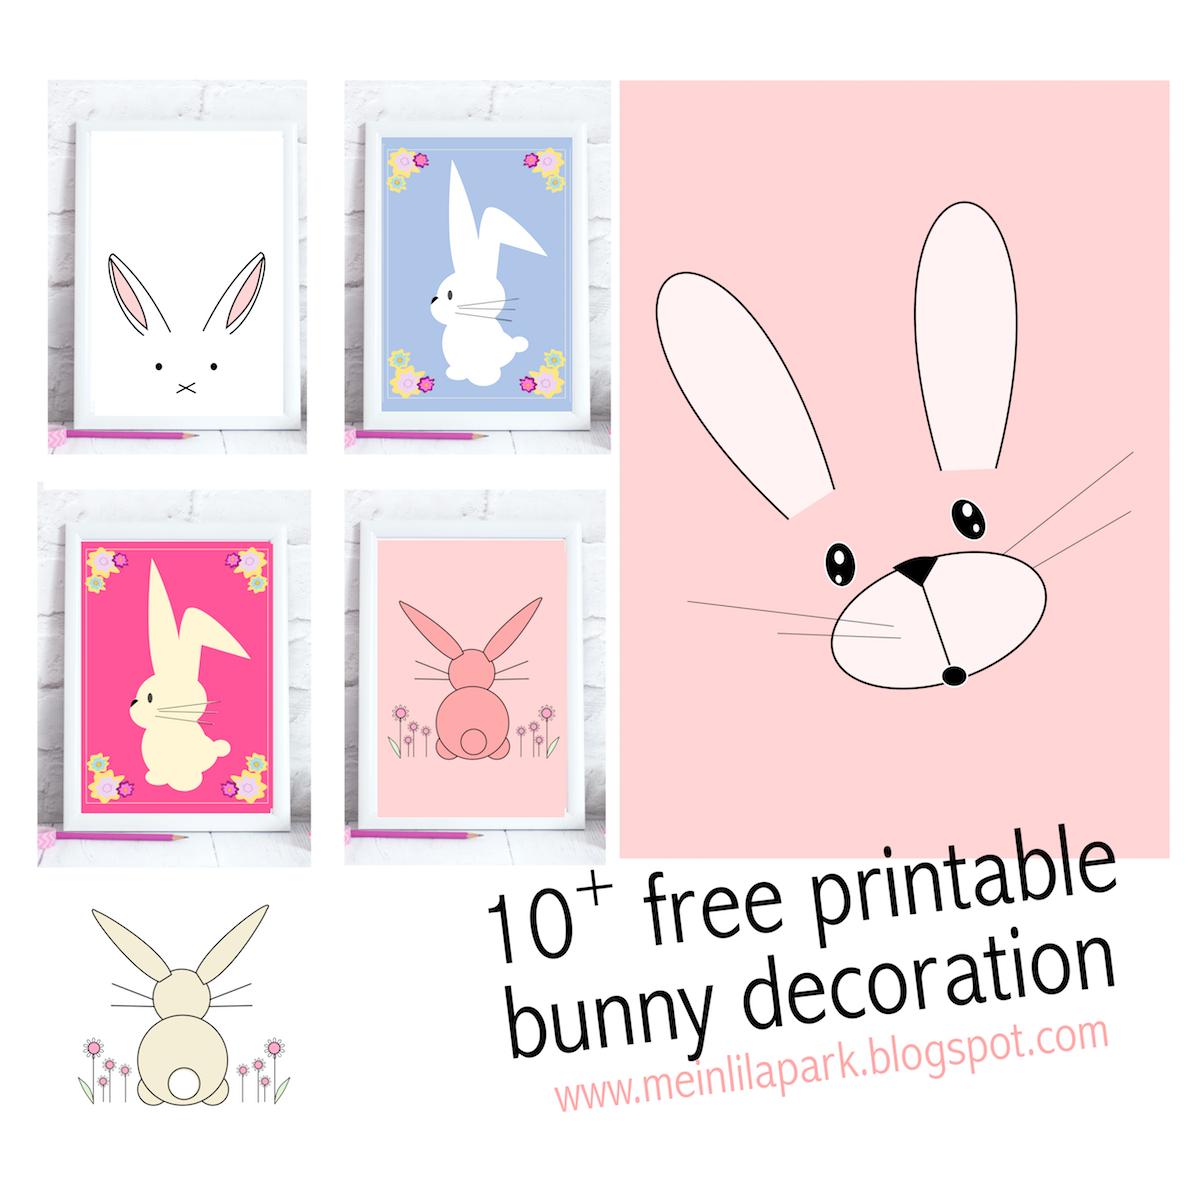 Free Printable Bunny Nursery Decoration - Round Up | Meinlilapark - Free Printable Bunny Pictures